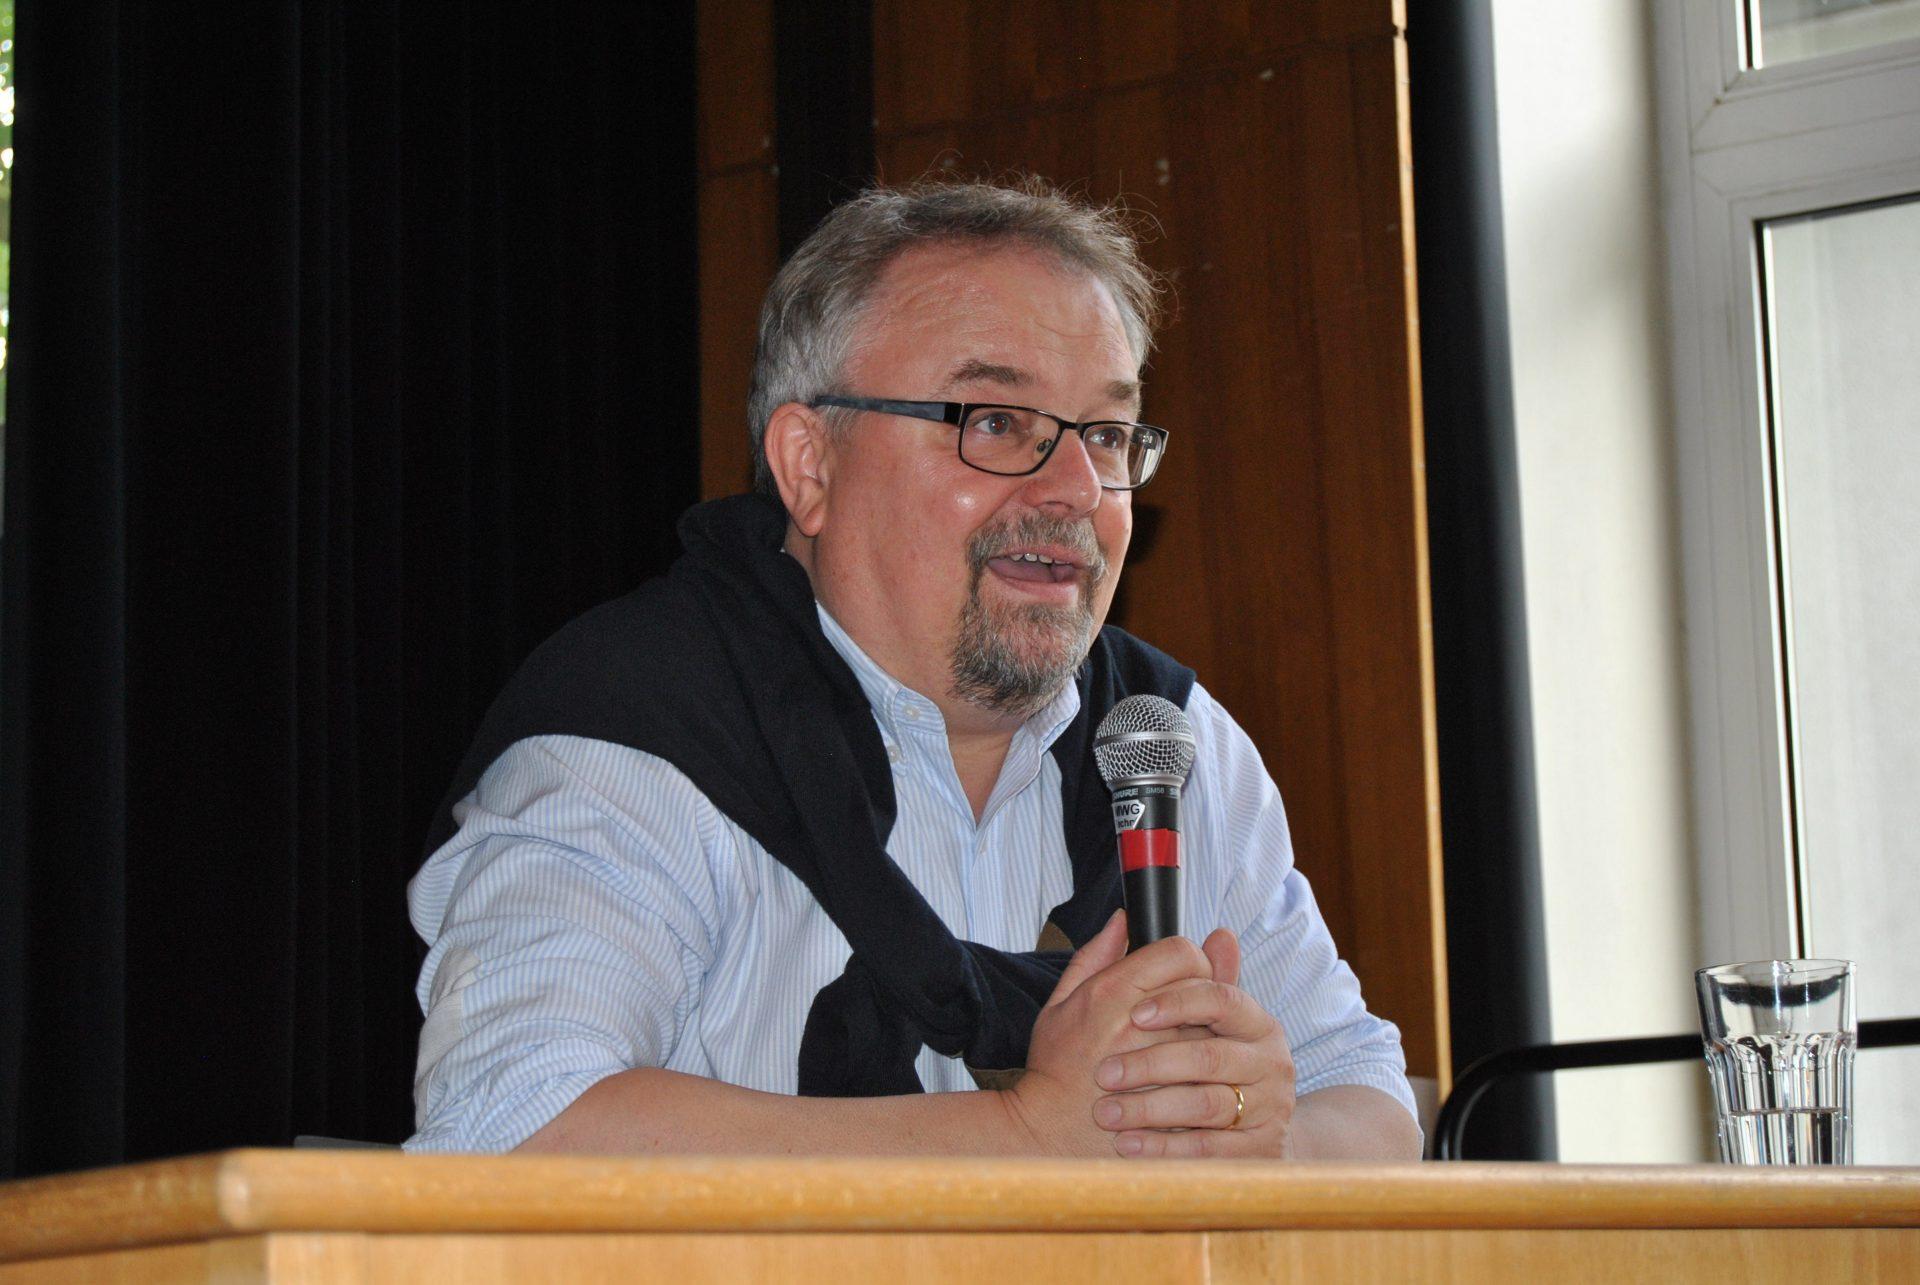 Diskussion Jens Geier